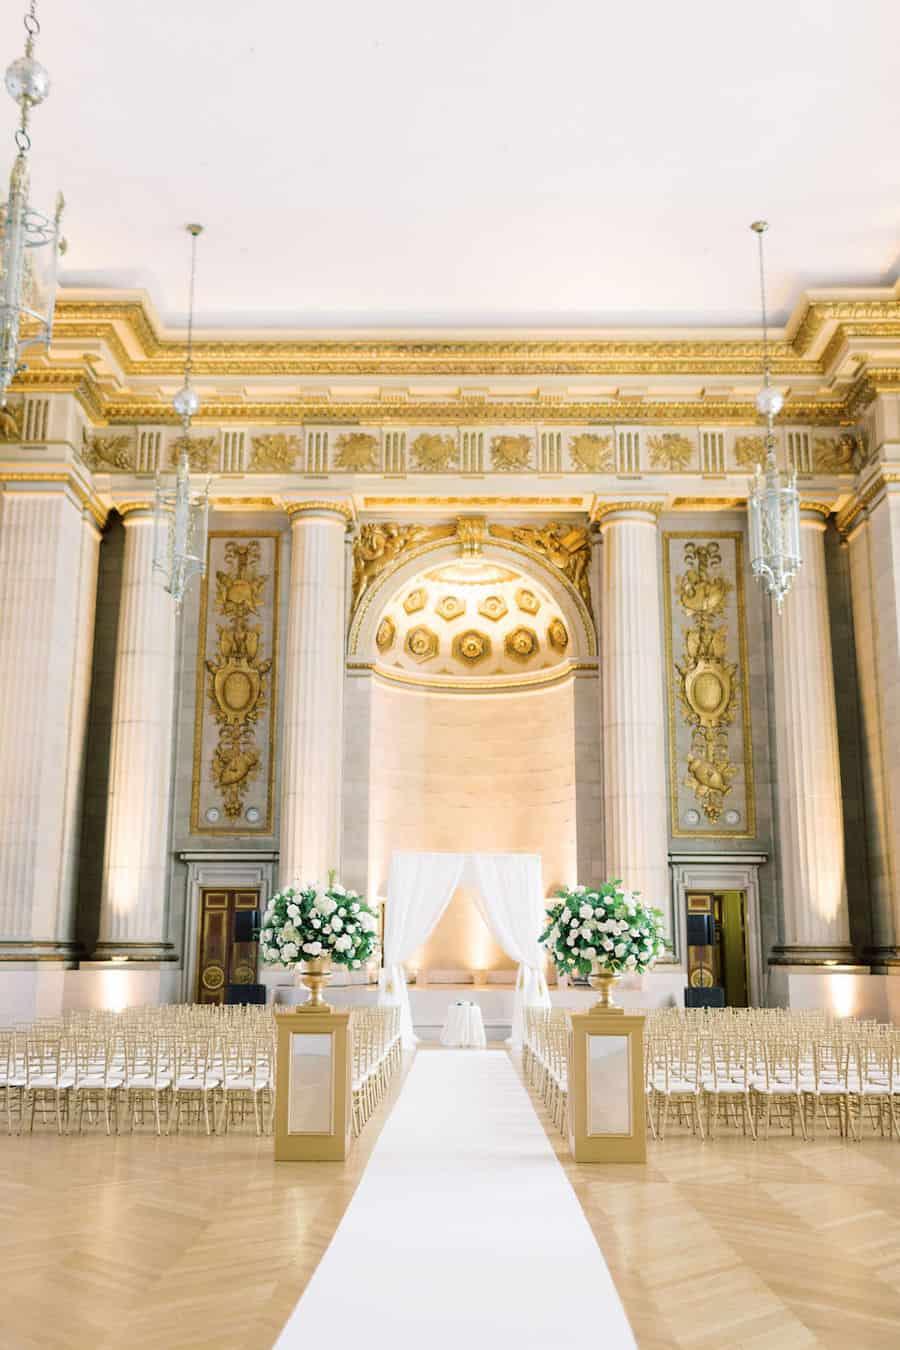 gold & ivory wedding decoration idea